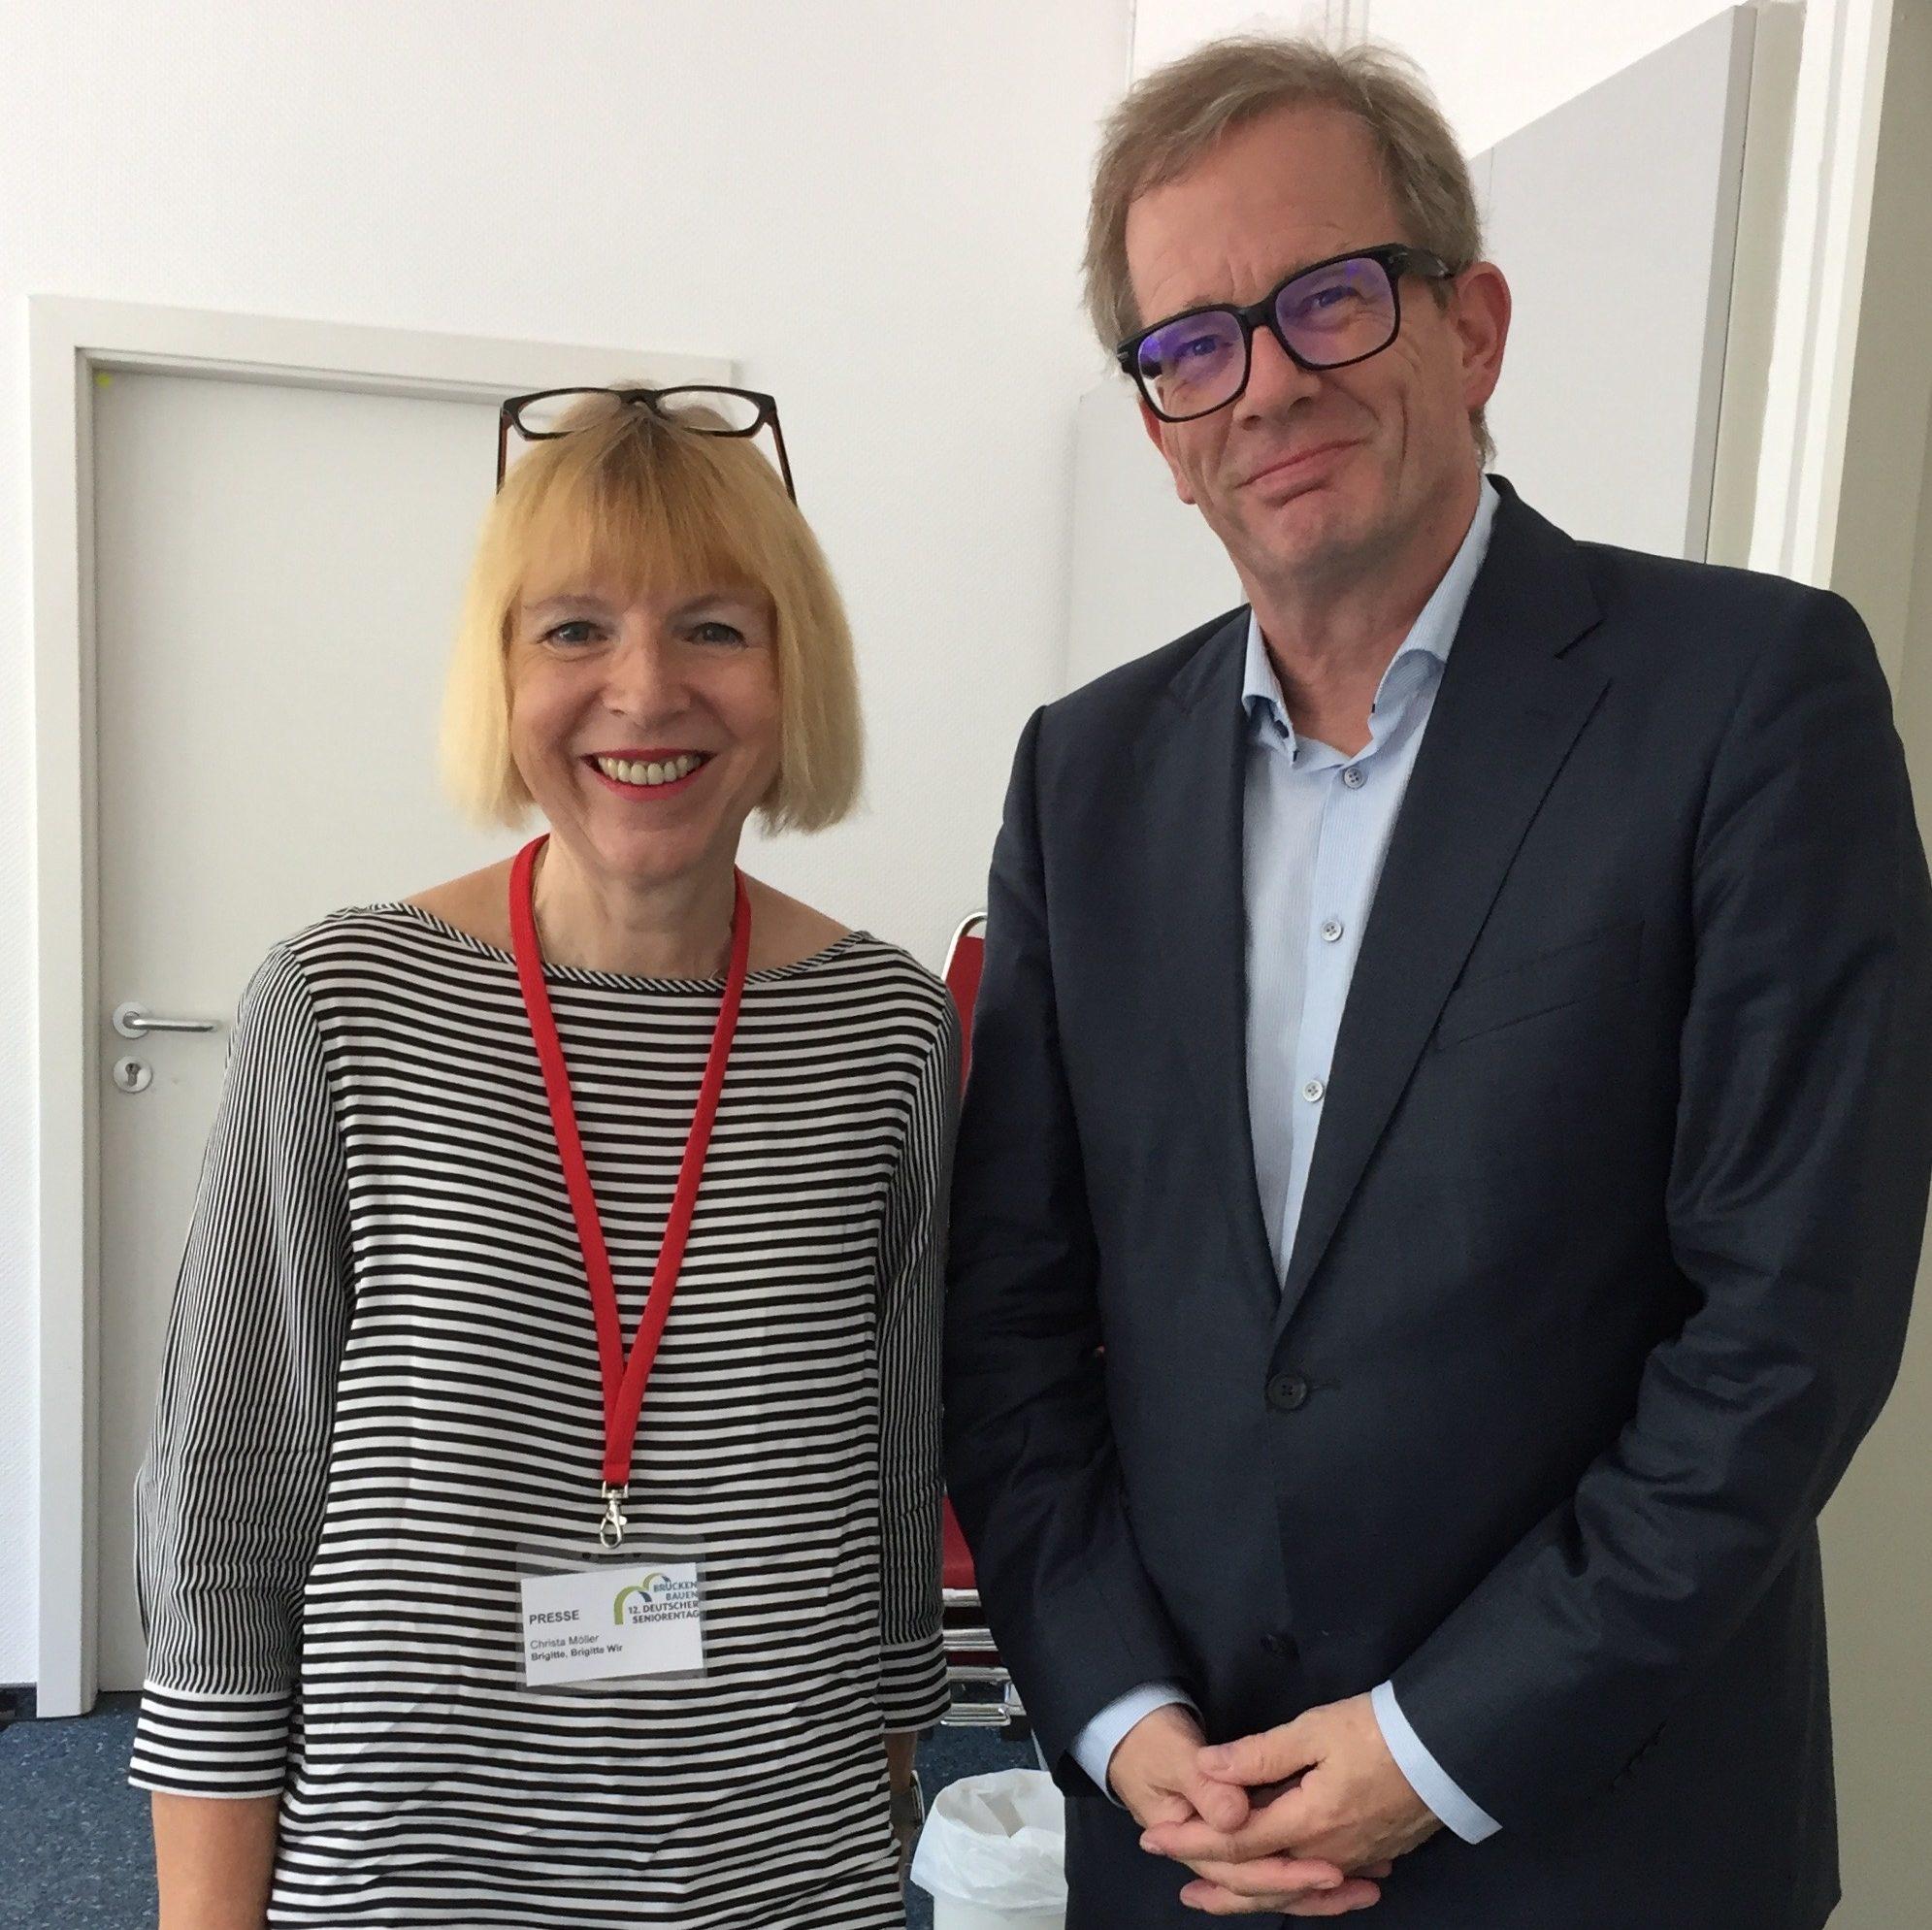 Prof. Kruse und Christa Möller stehen nebeneinander